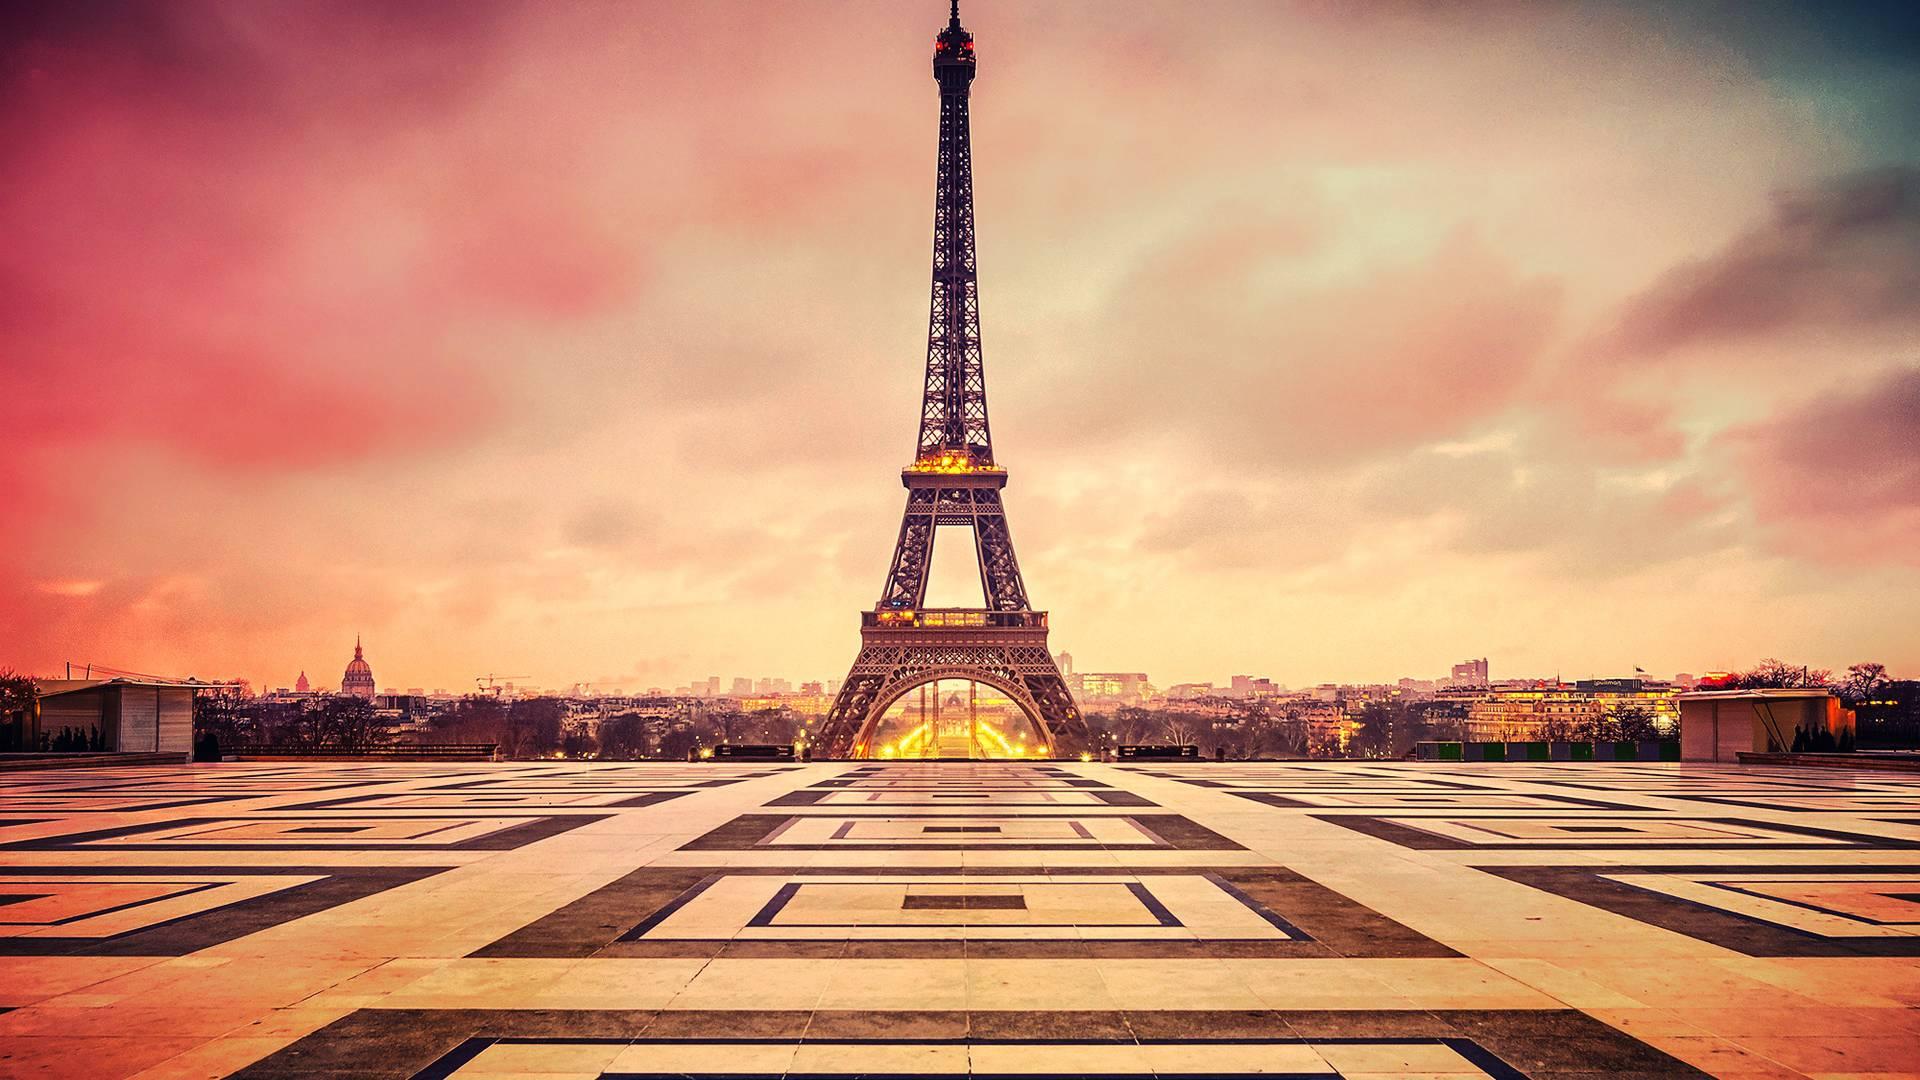 Eiffel Tower Beautiful Paris Wallpaper HD Wallpaper WallpaperLepi 1920x1080